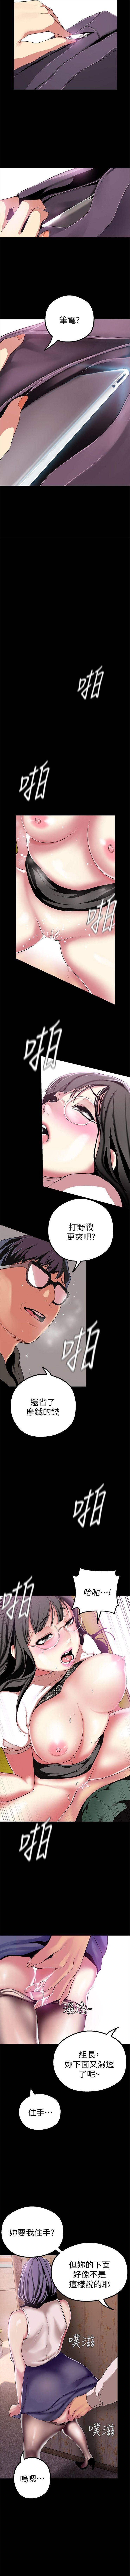 (週1)美麗新世界 1-70 中文翻譯 (更新中) 192